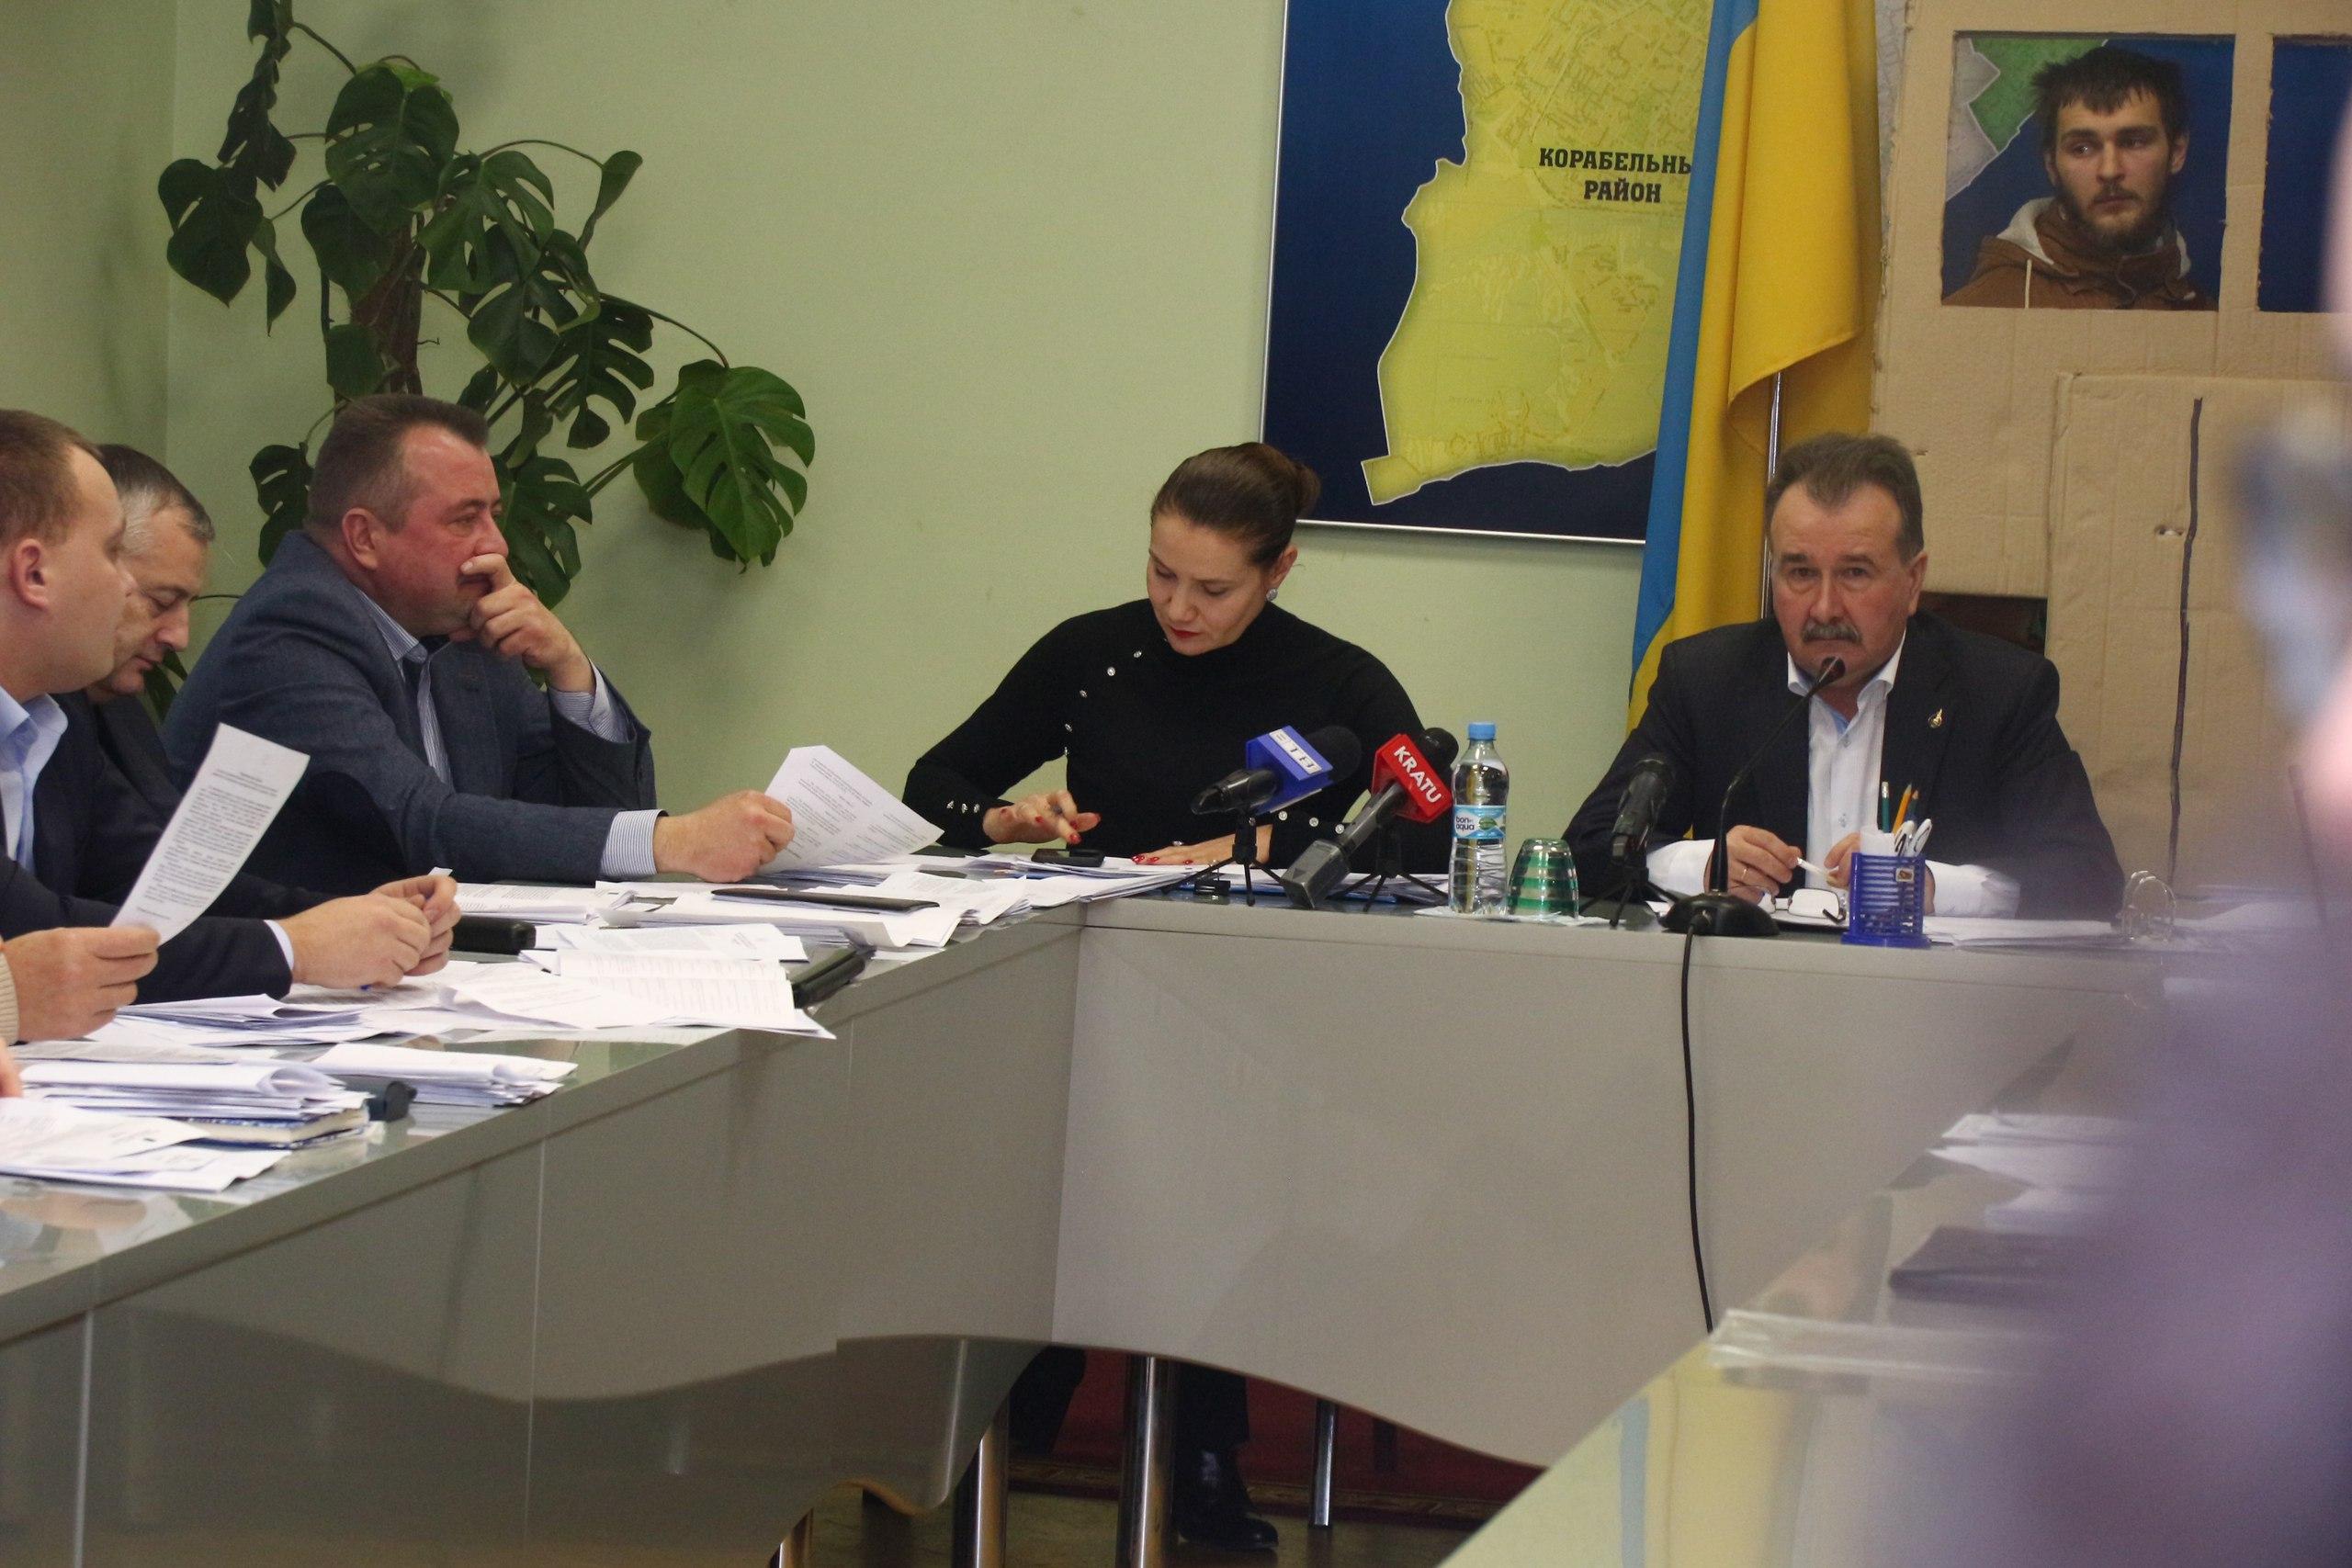 Игорь Казаков и Миколаенко показали свою регионаловскую натуру